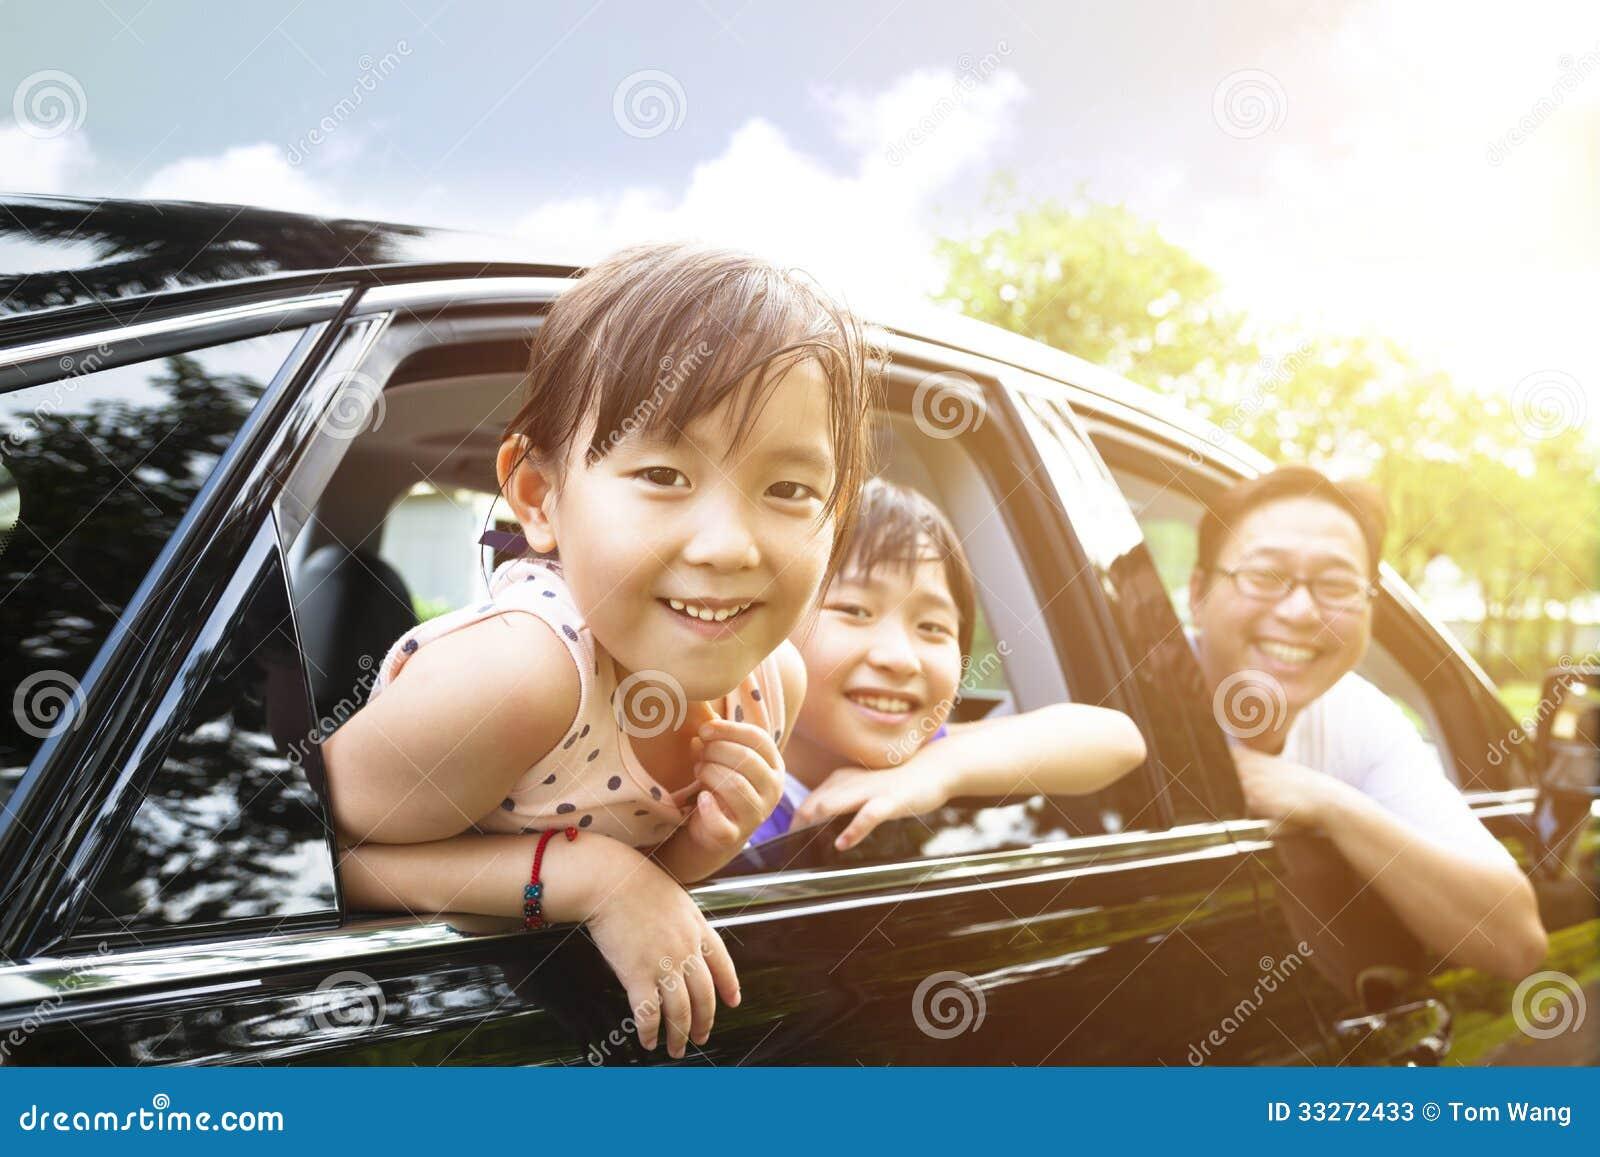 μικρά κορίτσια με την οικογενειακή συνεδρίαση στο αυτοκίνητο